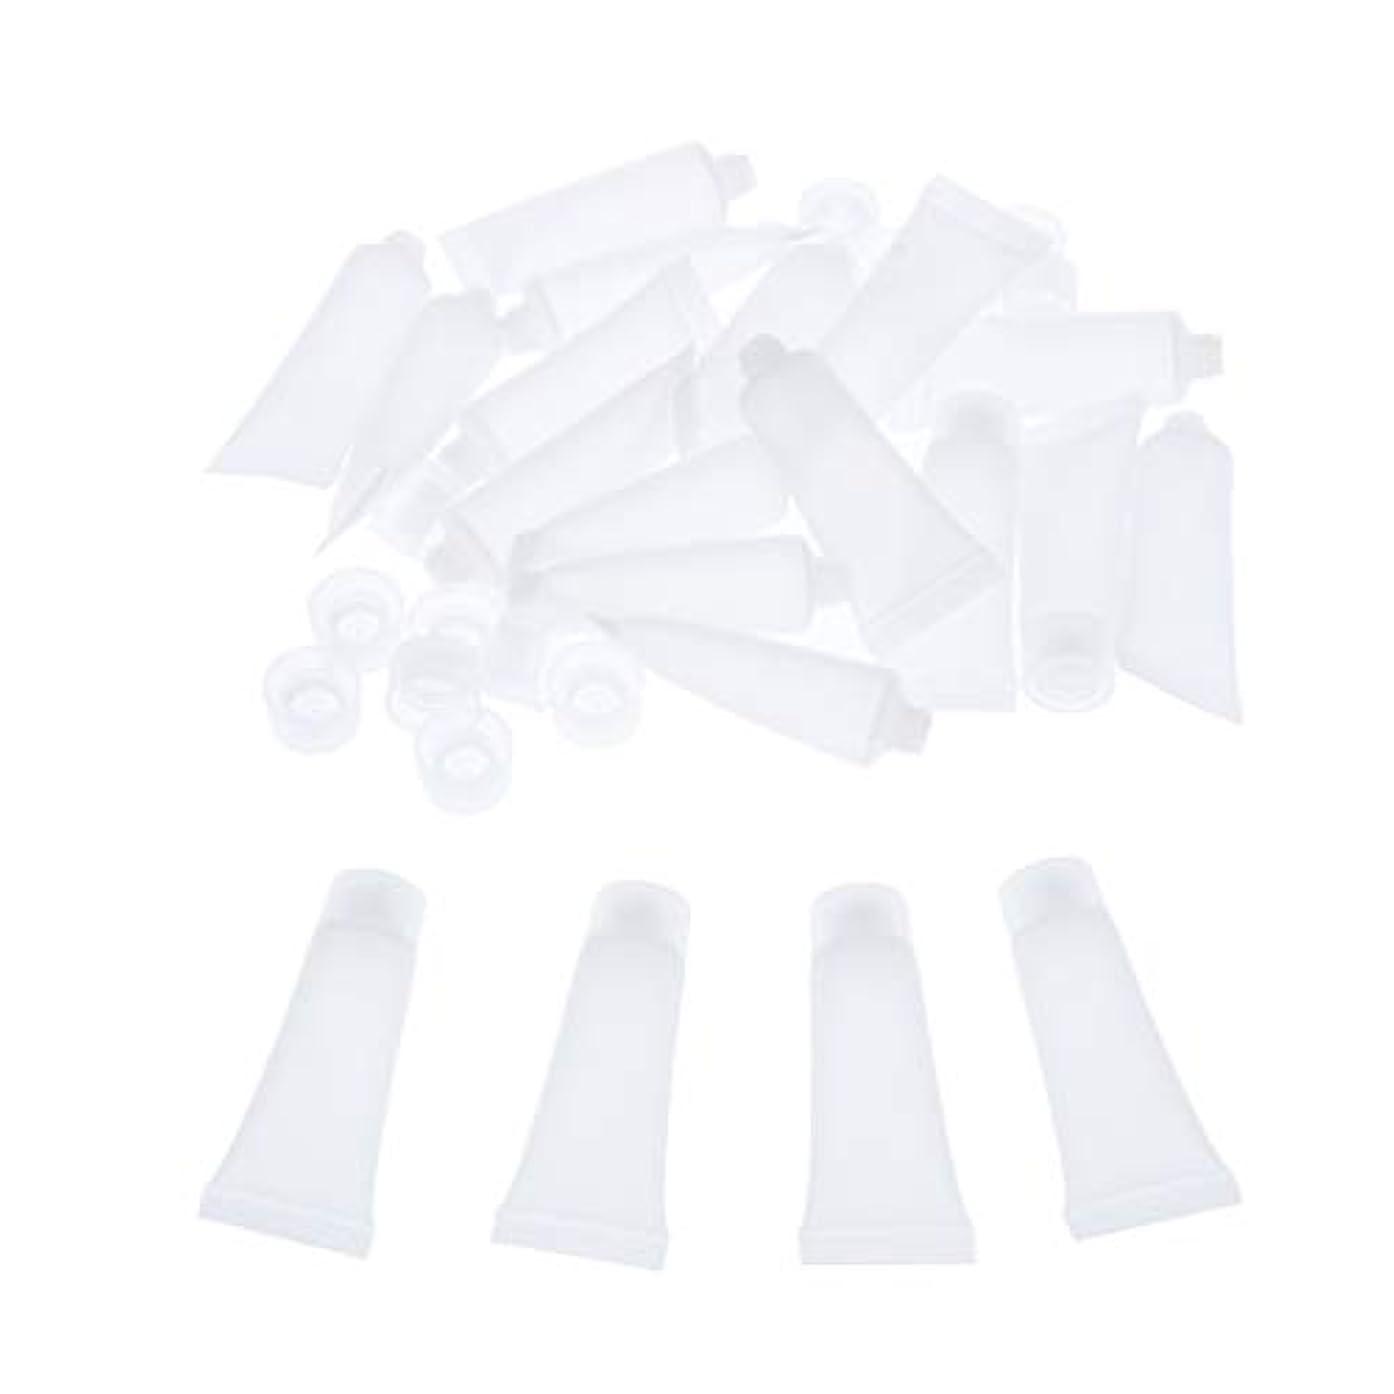 彼らのものインポートパドル化粧品チューブ 化粧瓶 空ボルト 広い口 クリーム チューブ 詰め替え 化粧品ボトル 約20個入り 全4サイズ - 15ml